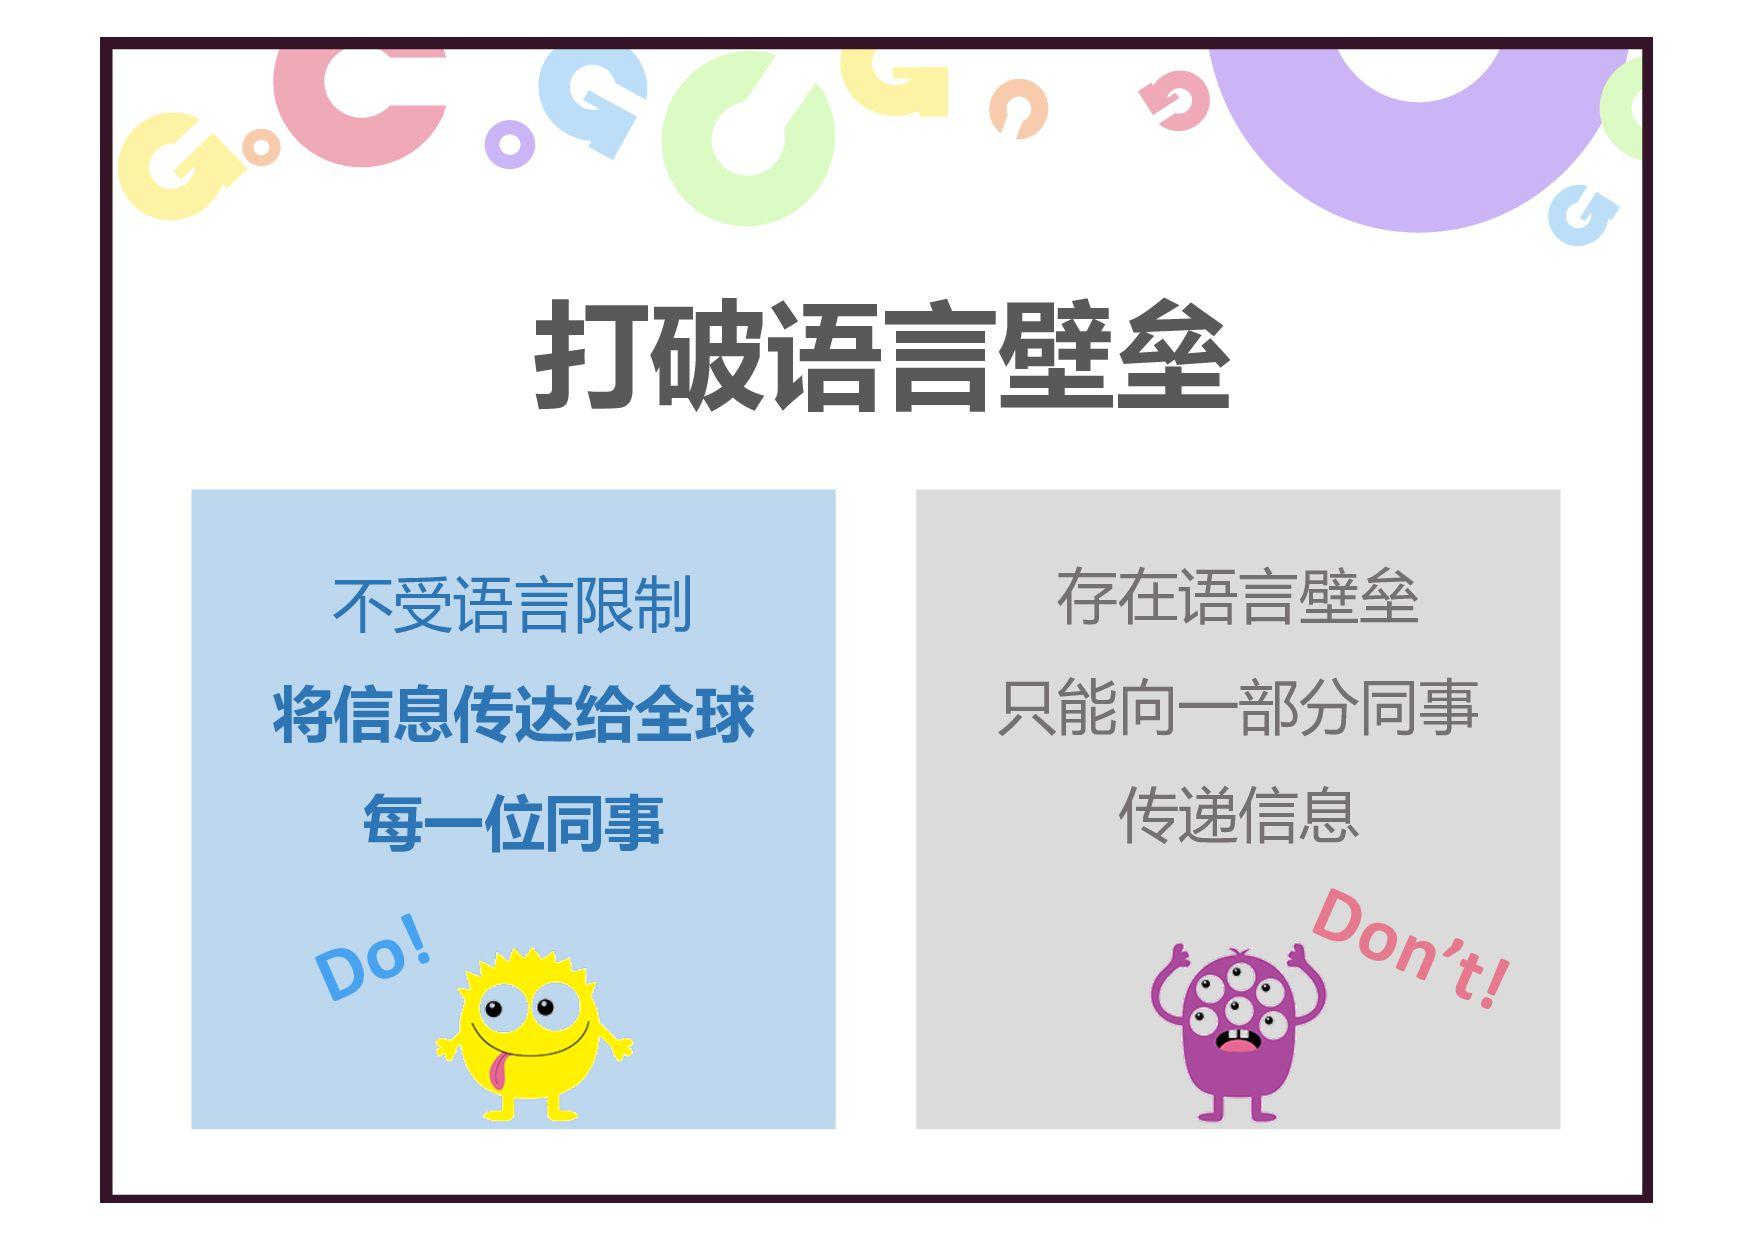 存在语言壁垒 只能向一部分同事 传递信息 不受语言限制 将信息传达给全球 每一位同事 打破语言...